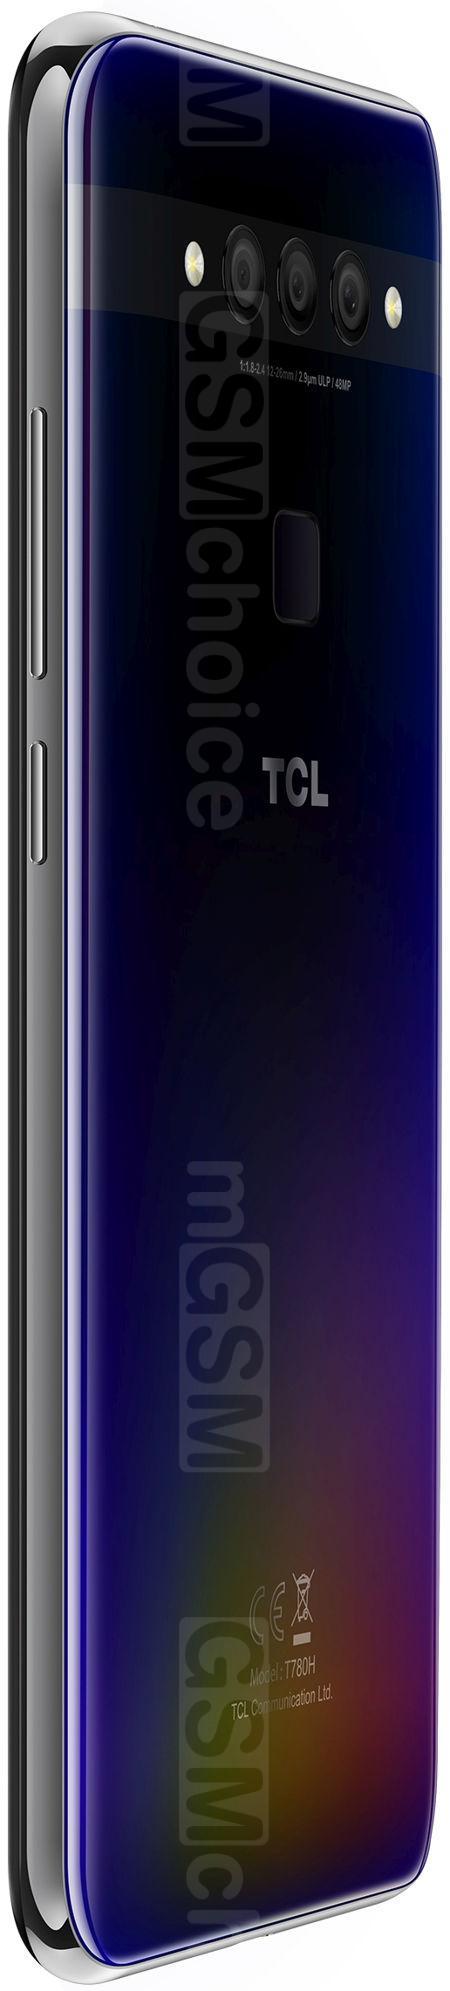 TCL Plex Dual SIM